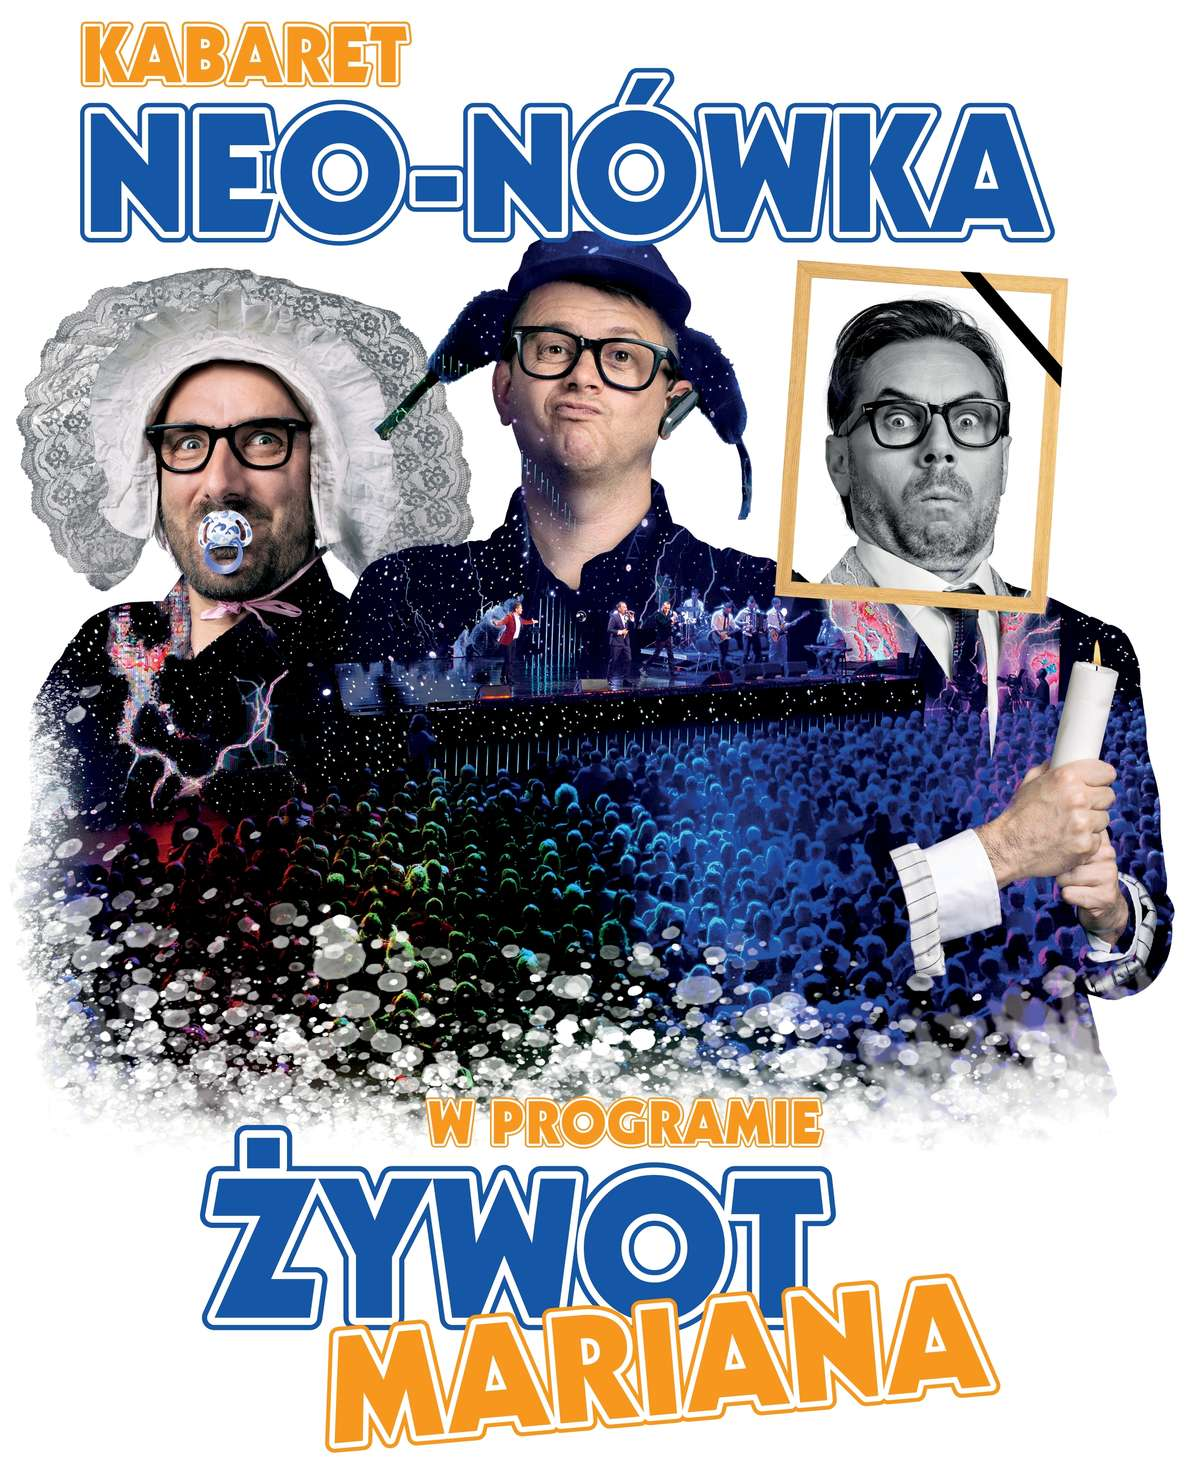 """""""Żywot Mariana"""" - najnowsze dzieło Kabaretu Neo-Nówka!  - full image"""